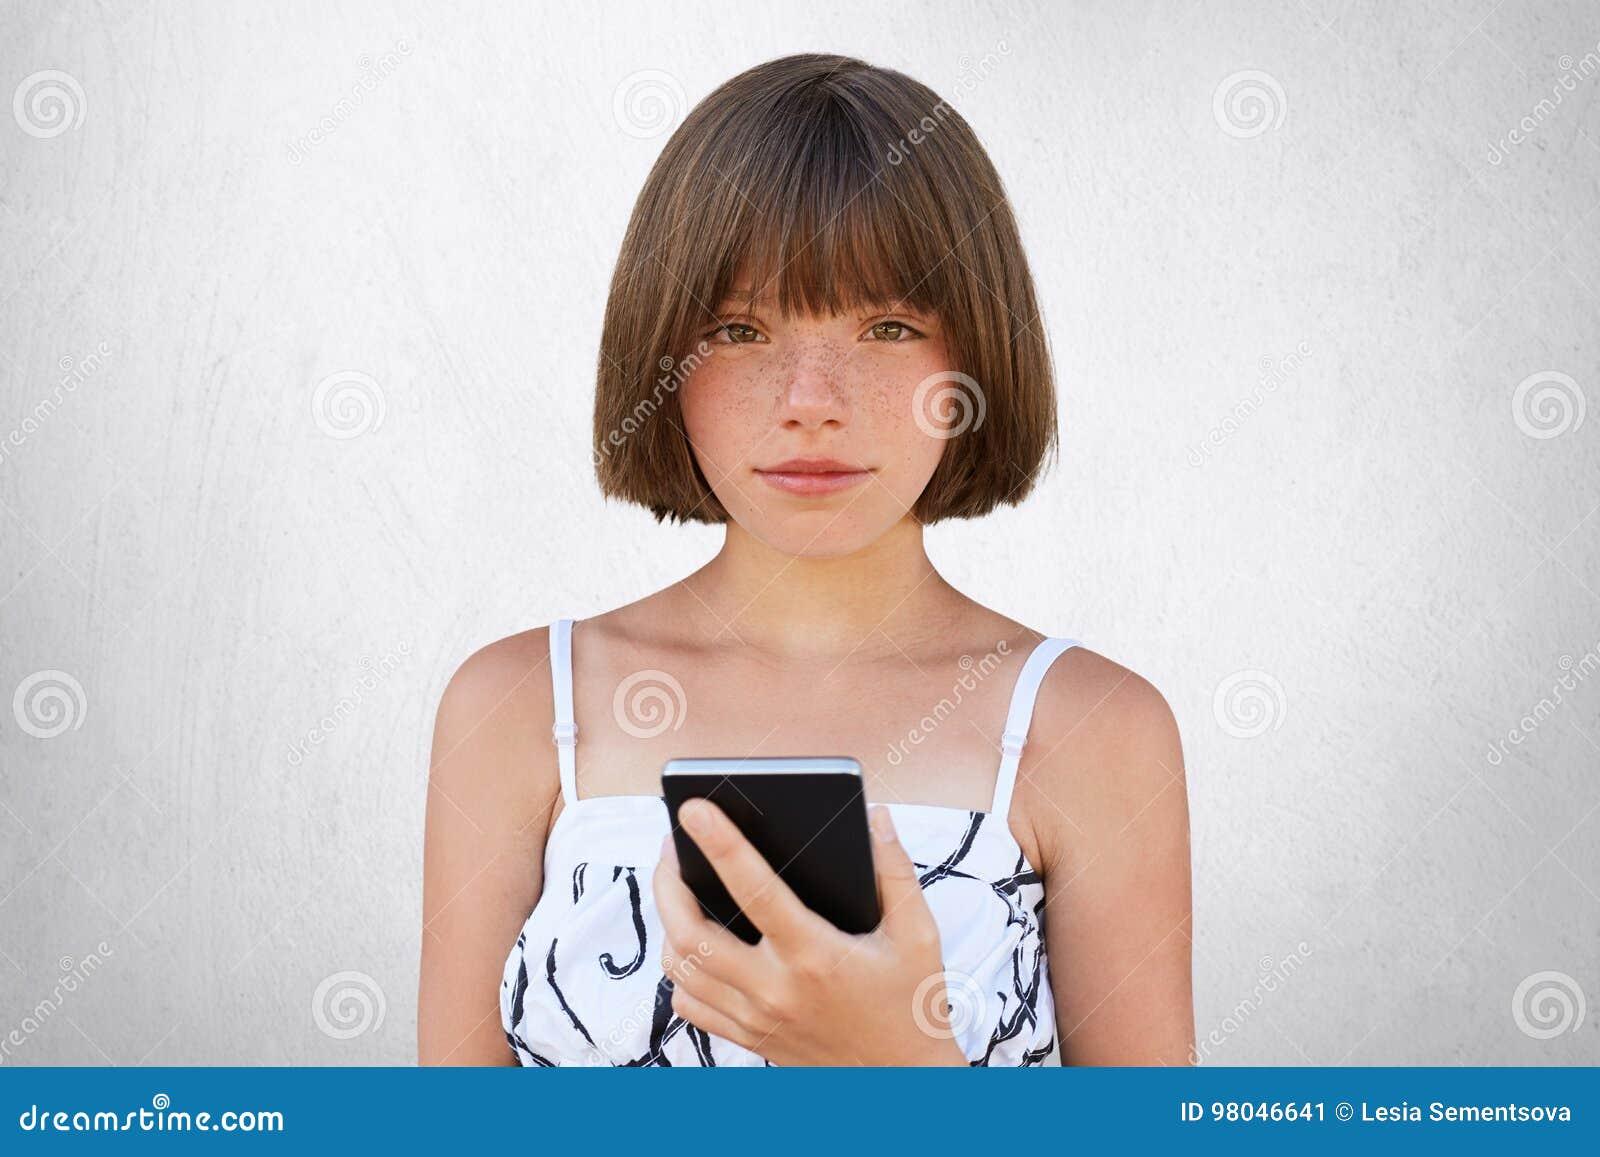 Infanzia nell era digitale Ragazza sveglia con la breve pettinatura alla moda, gli occhi incavati scuri e le lentiggini portanti